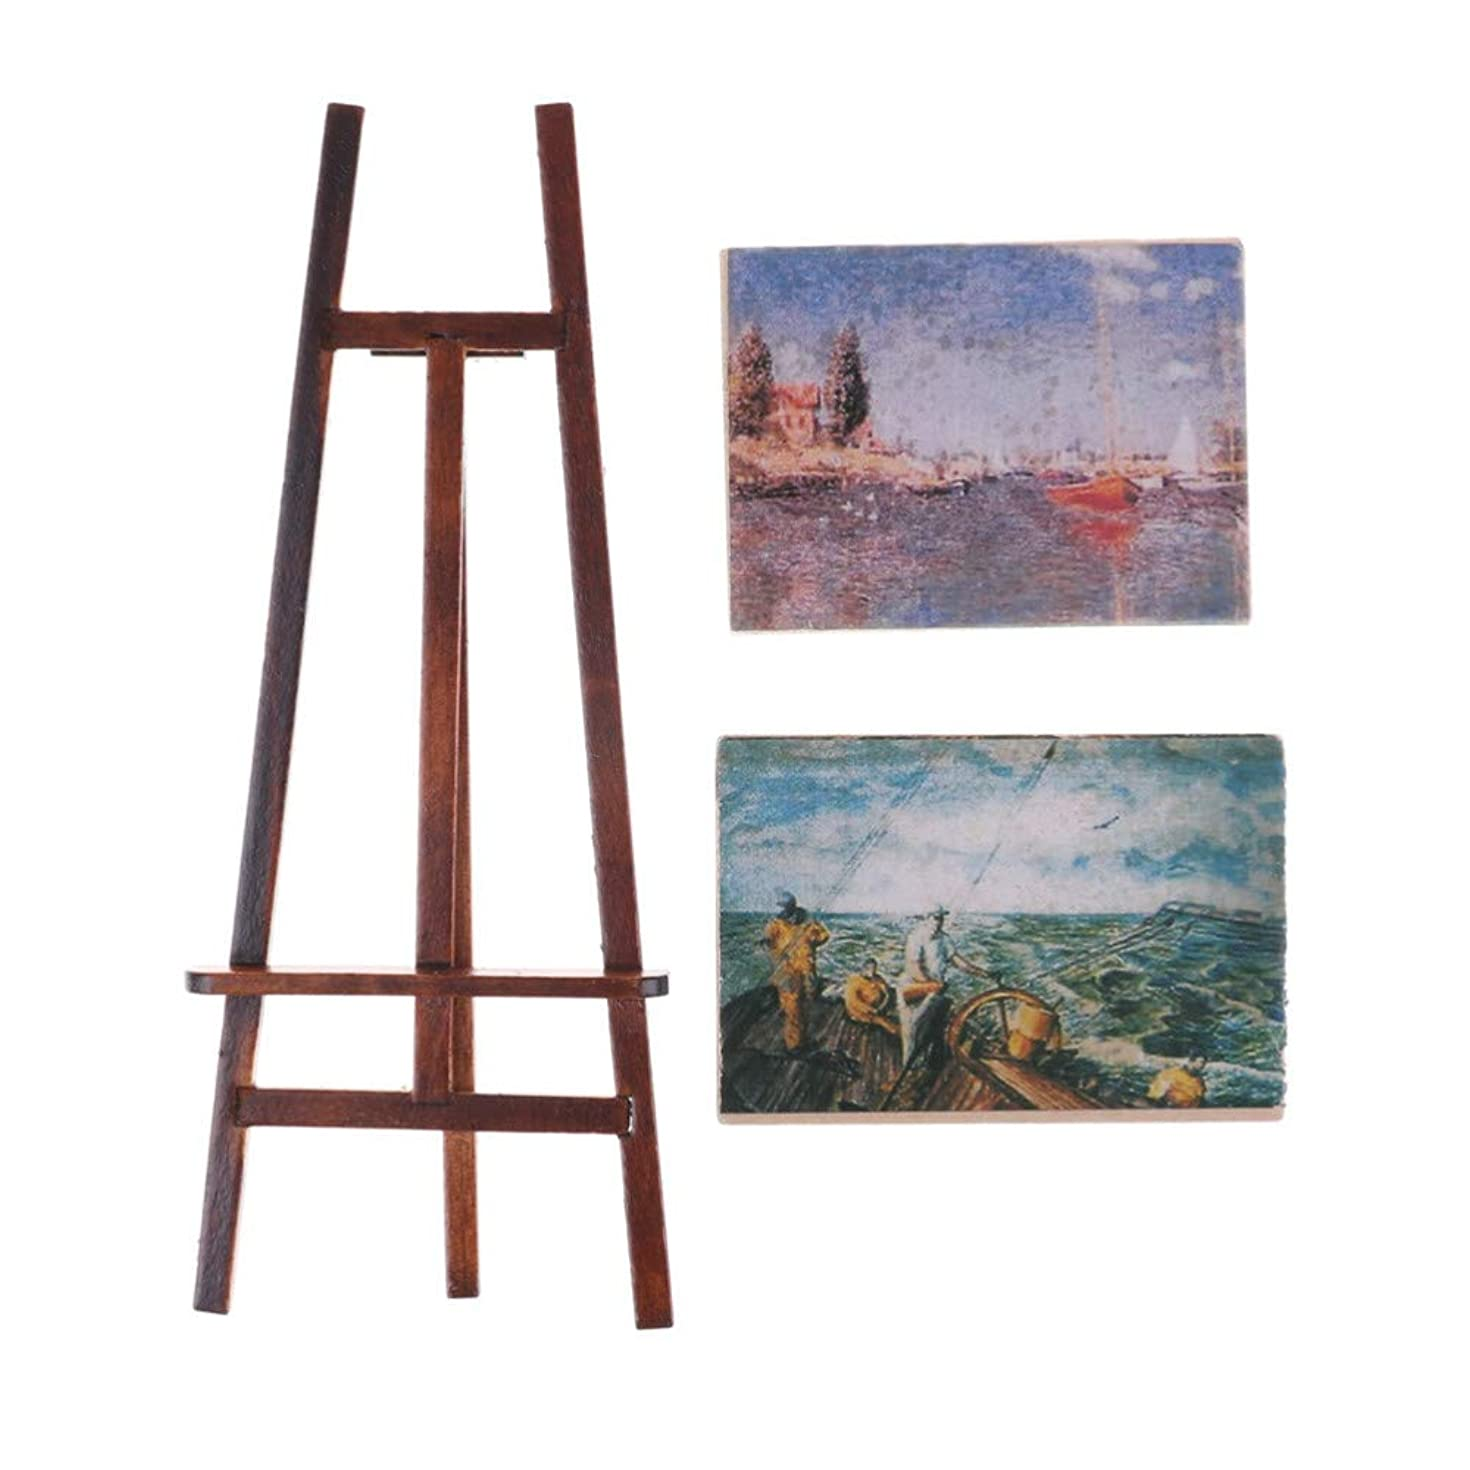 損失濃度発表WANGSENO 1セットアーティストイーゼルと2木製絵画写真ミニアーティストイーゼル木製結婚式テーブルカードブラケットディスプレイスタンド装飾